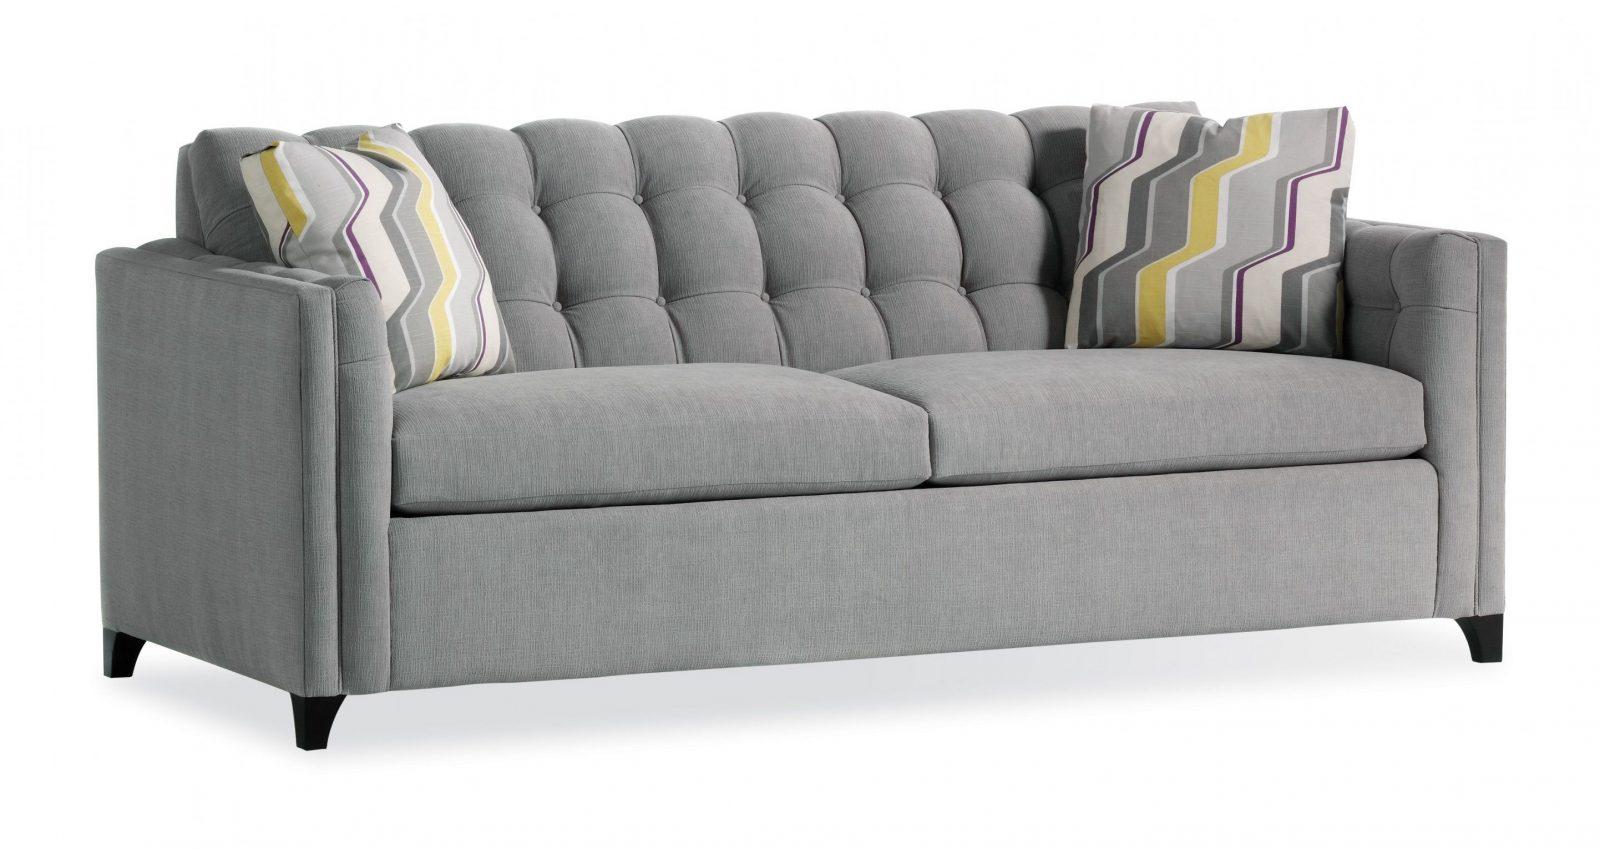 Kleines Sofa Mit Recamiere Schlaffunktion Polster Fuer Jugendzimmer von Kleine Couch Für Jugendzimmer Bild